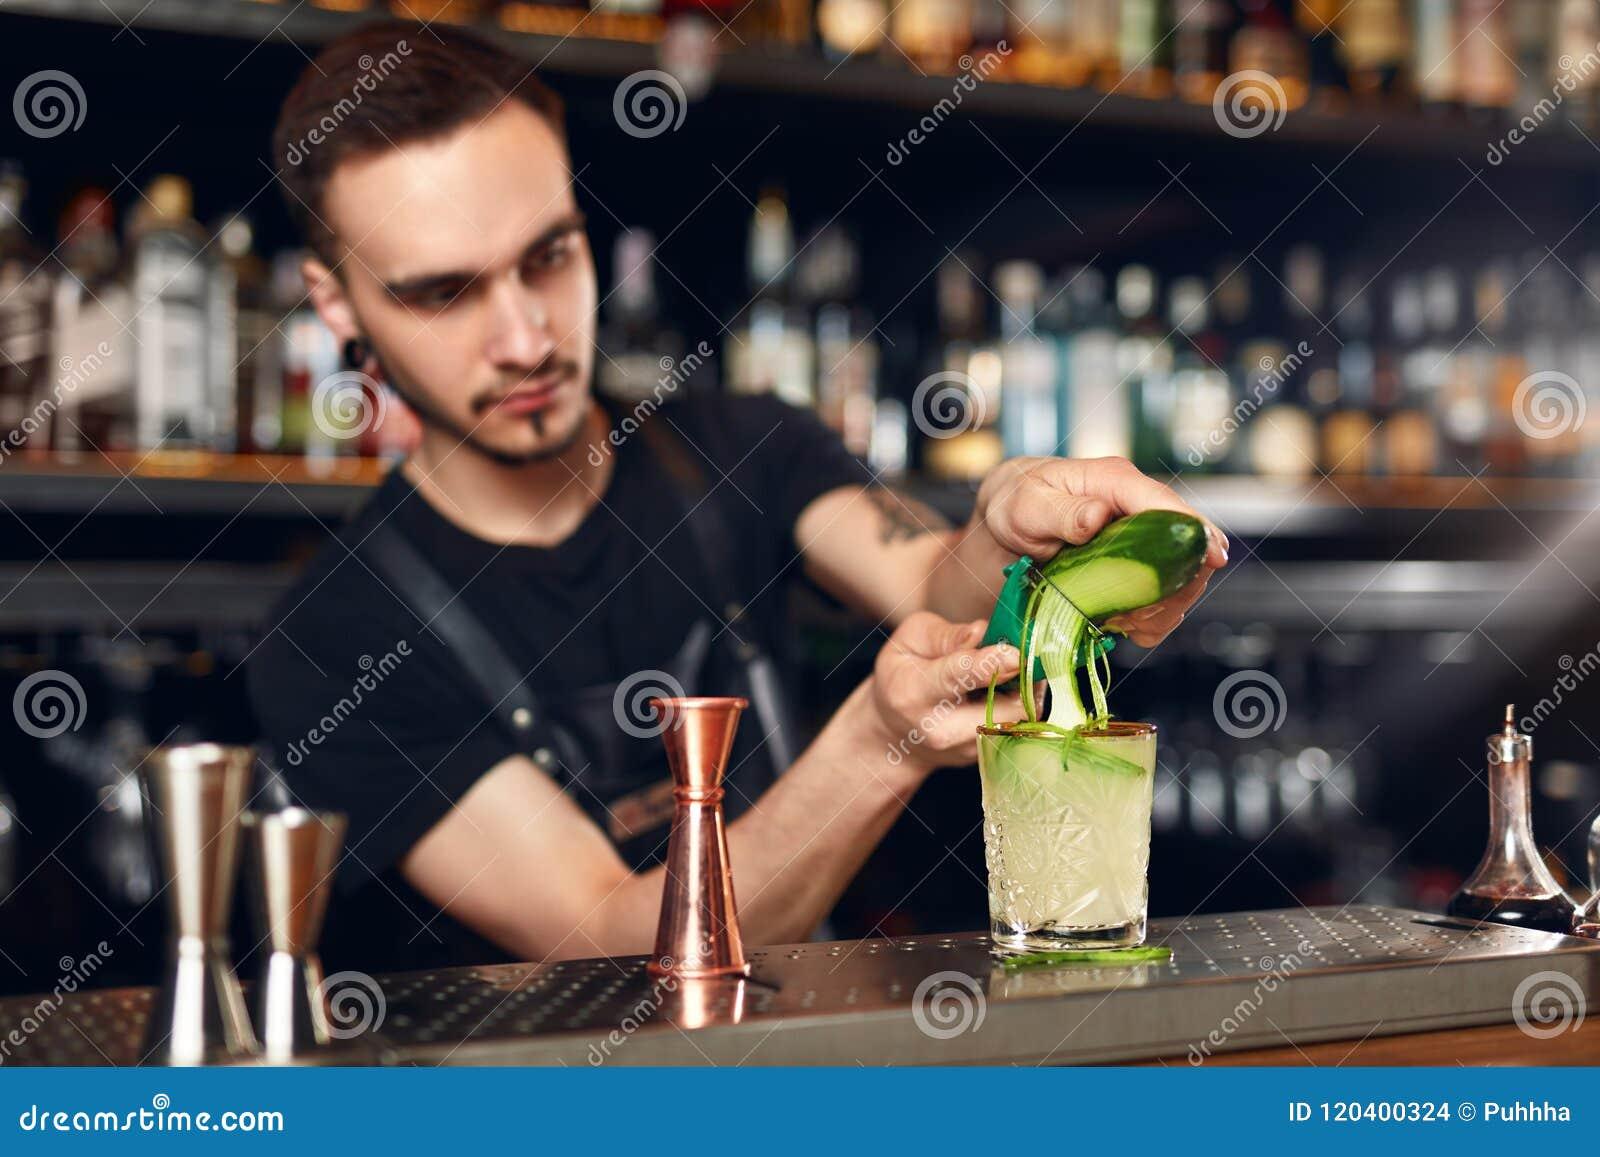 να προετοιμαστεί κοκτέιλ Bartender που κατασκευάζει το κοκτέιλ στο φραγμό